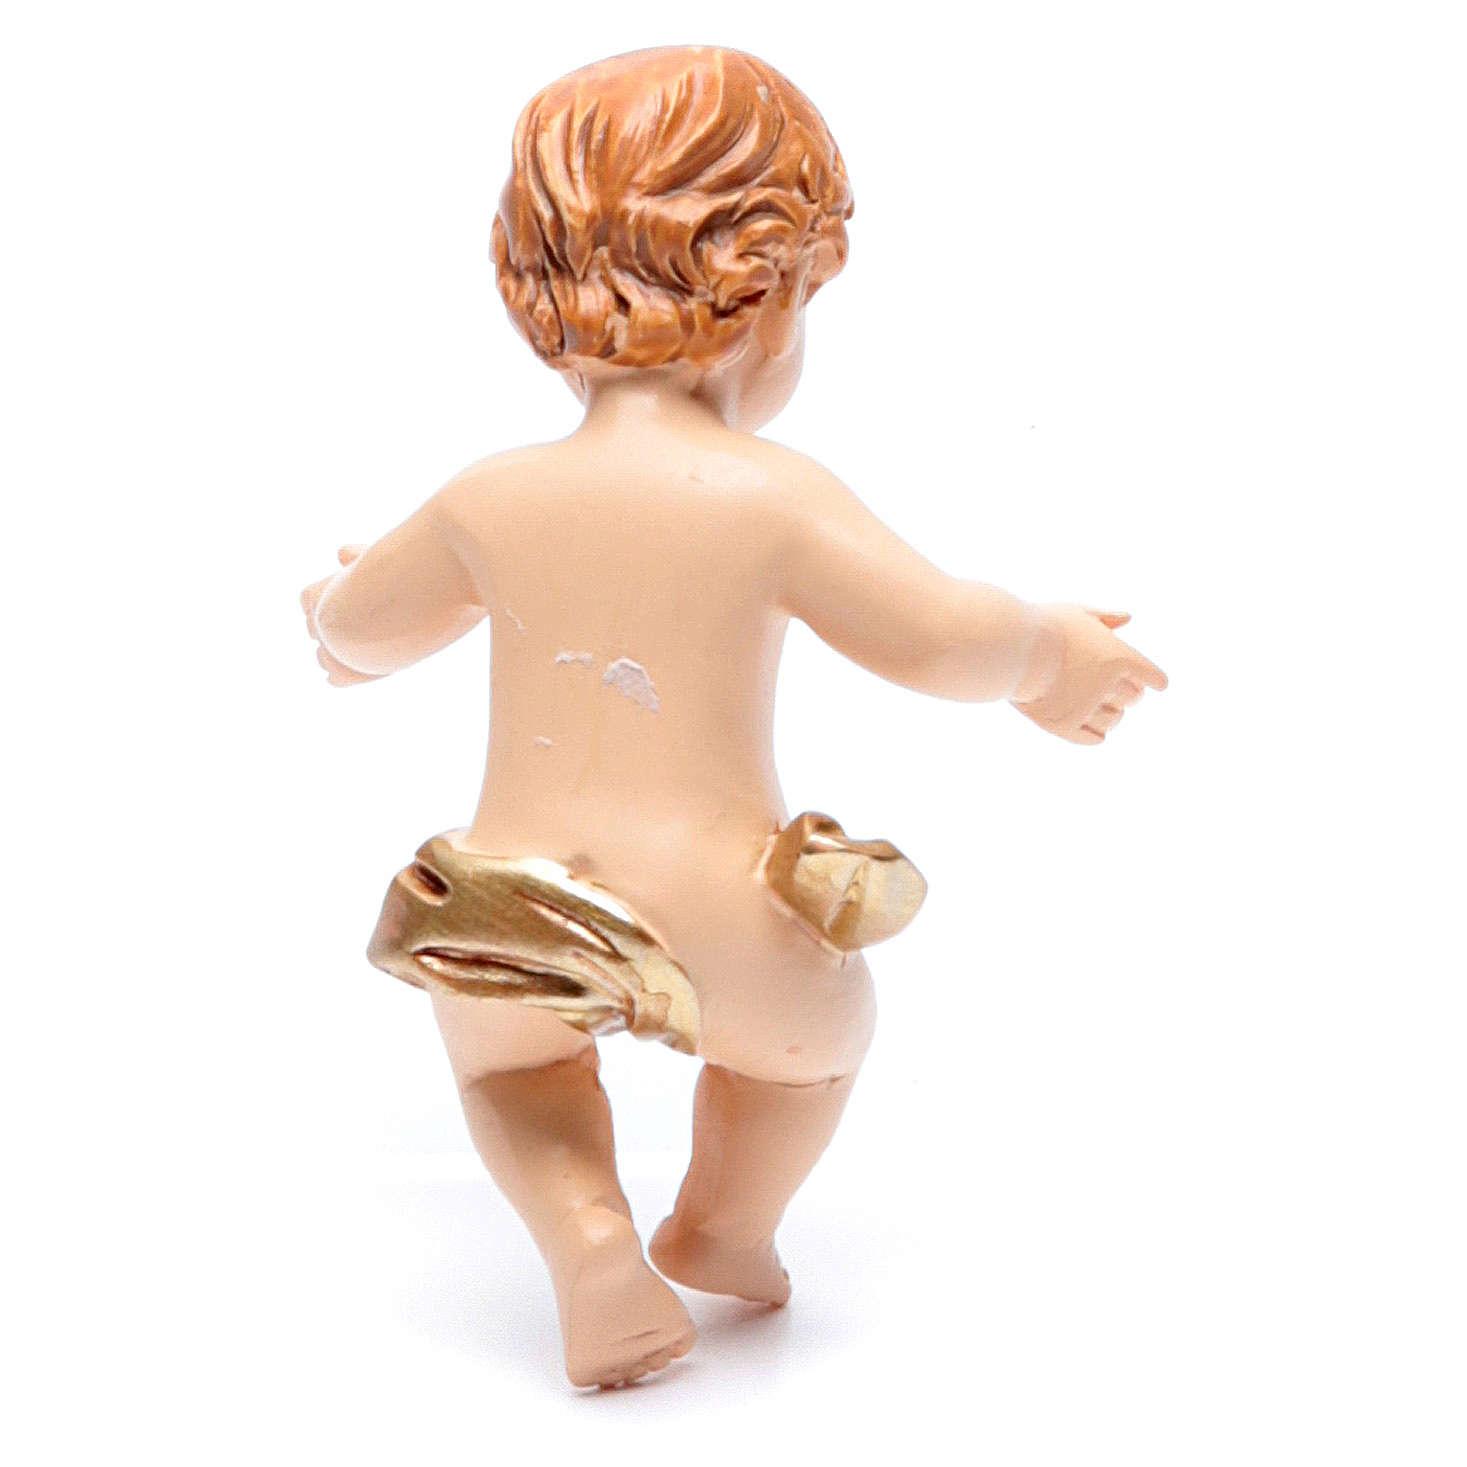 Baby Jesus figurine in resin measuring 6cm 3